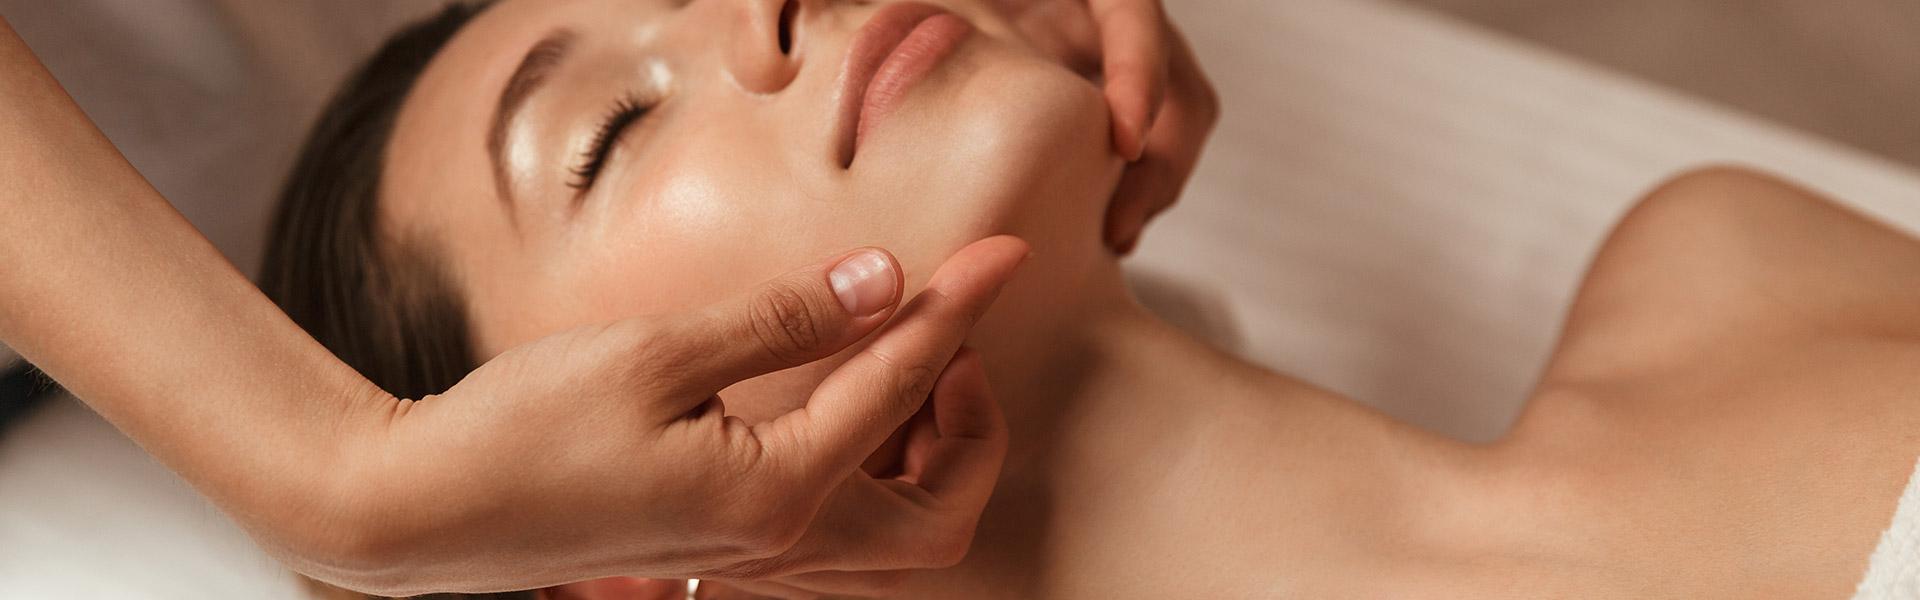 nuru massage sacramento